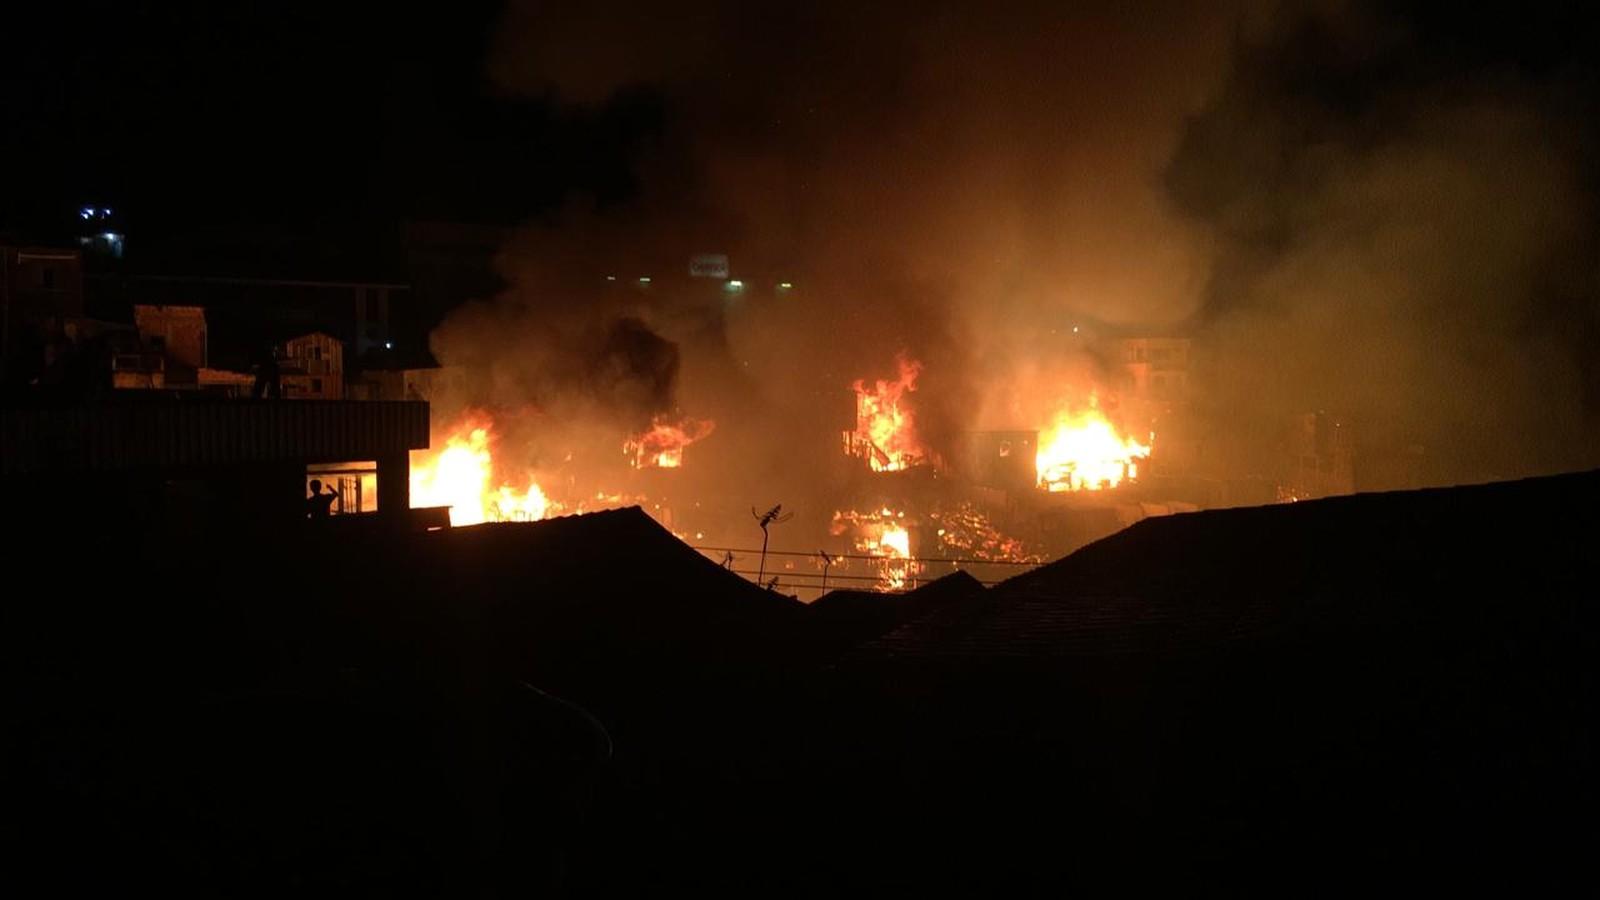 Prefeitura disponibiliza escolas para abrigar vítimas do incêndio no Educandos em Manaus